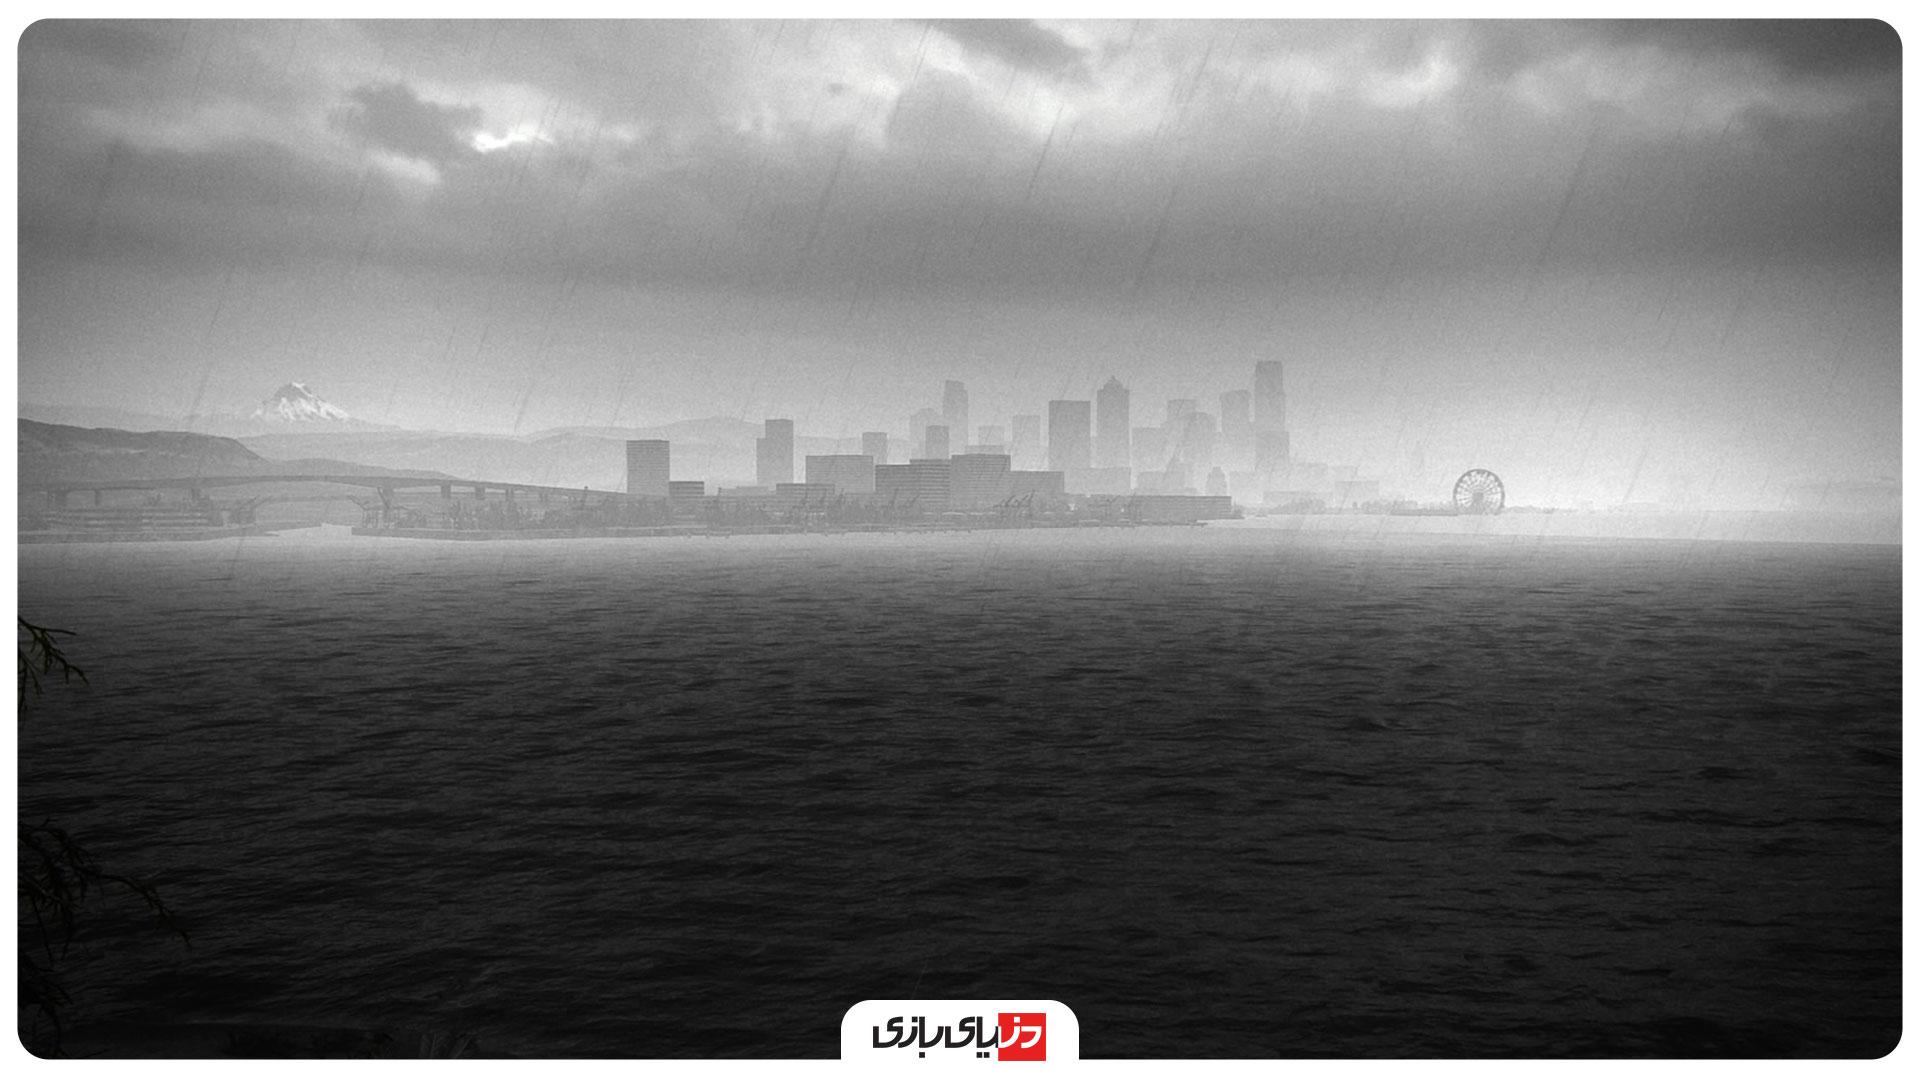 اسکرین شات بازی The Last of Us 2 - ارسالی Blackman.sep